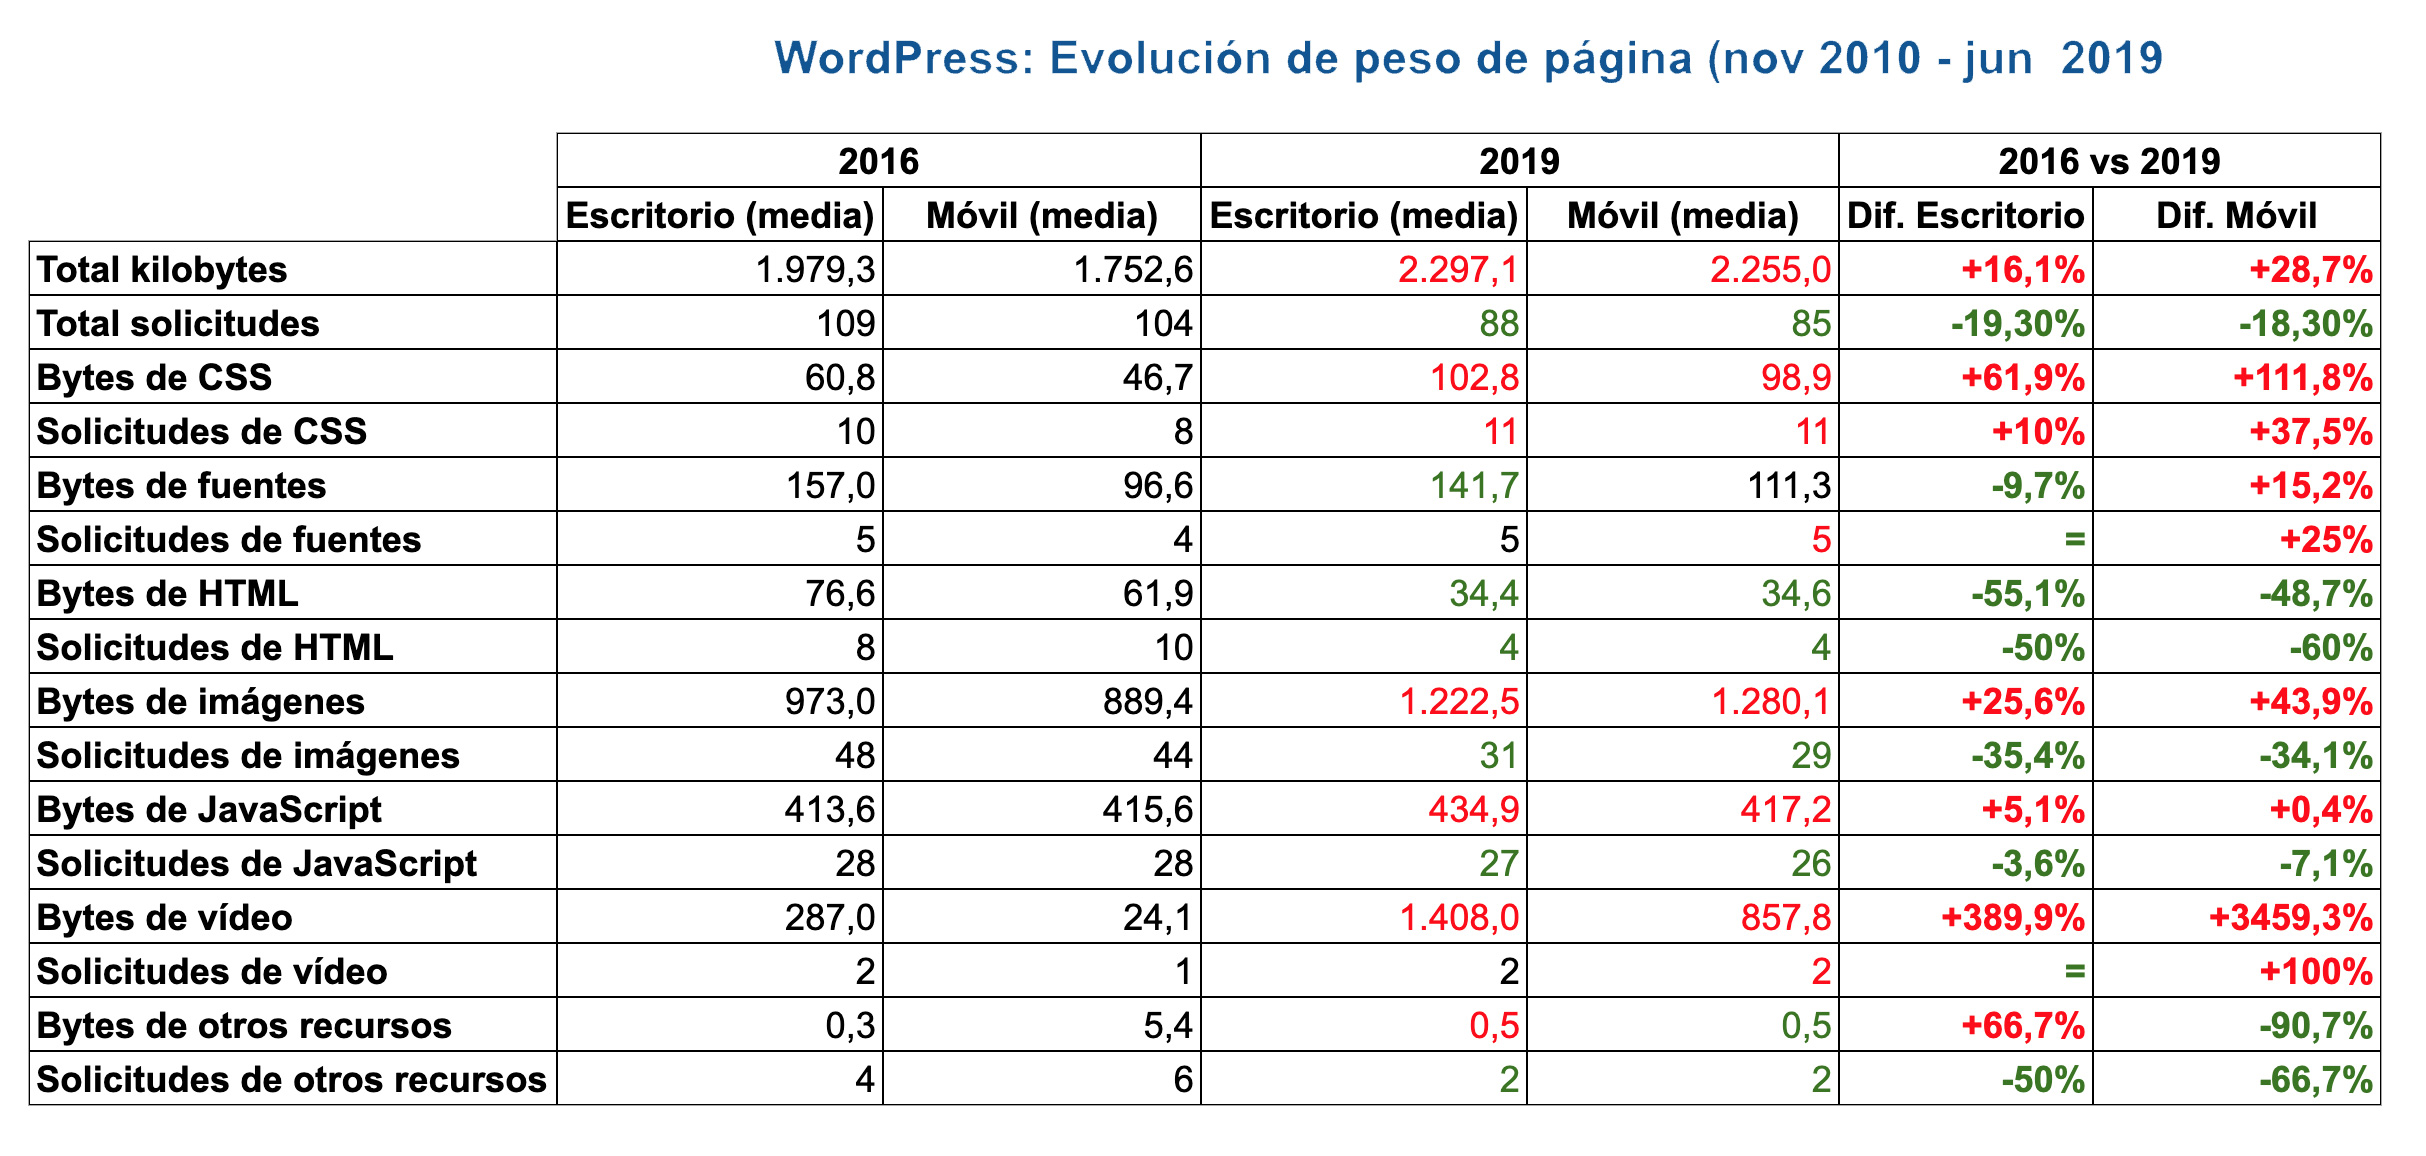 Analiza la evolución de WordPress